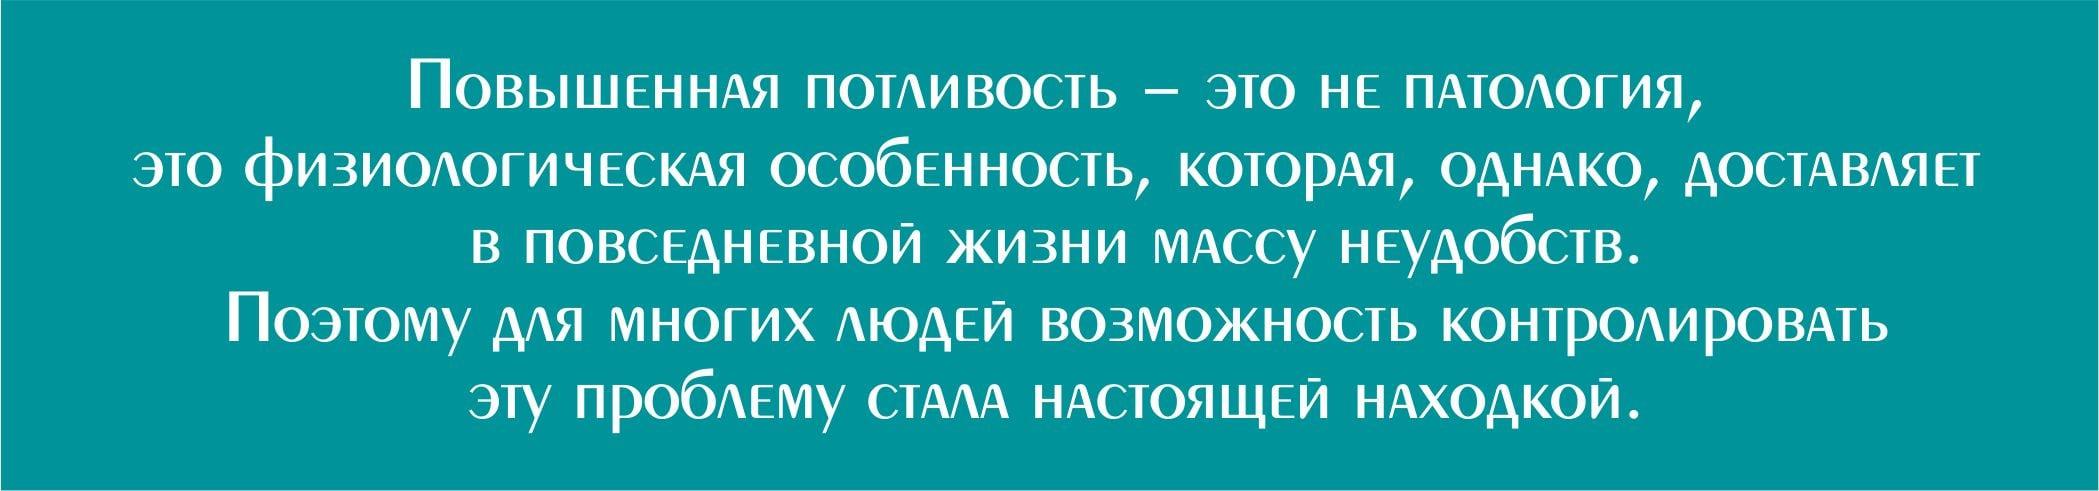 гипергидроз статья_04